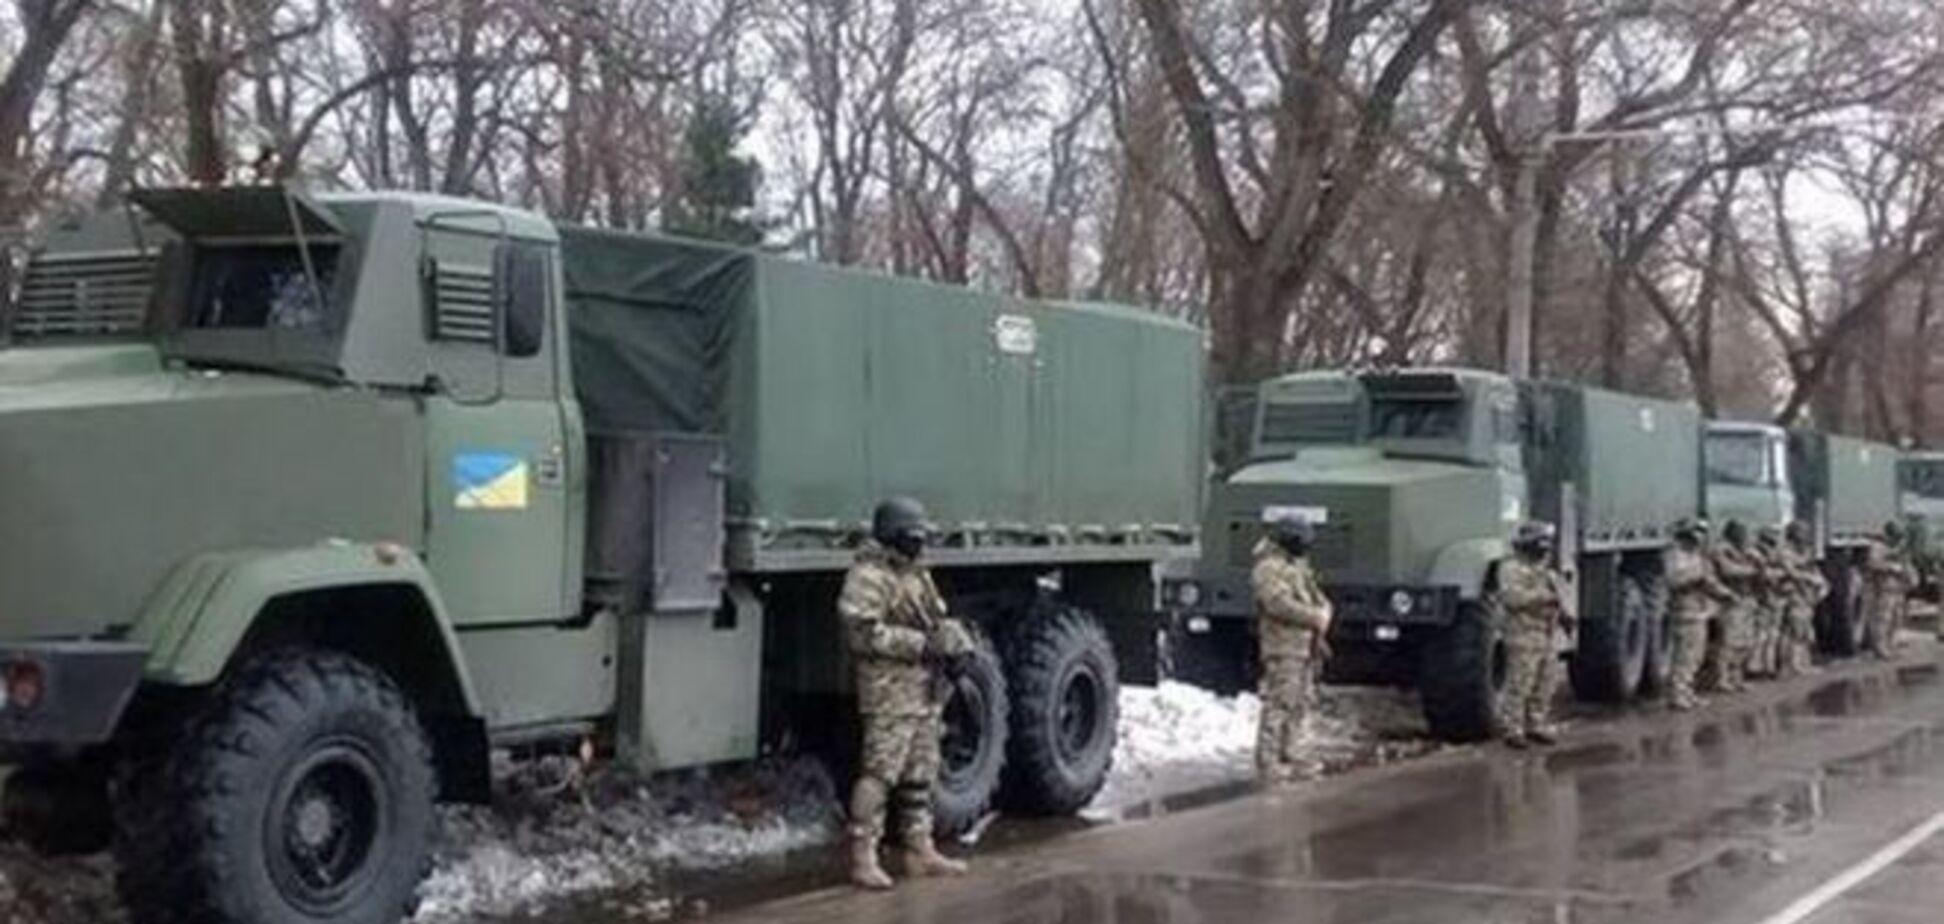 СБУ не исключает введения в Одессу на майские праздники бронетехники